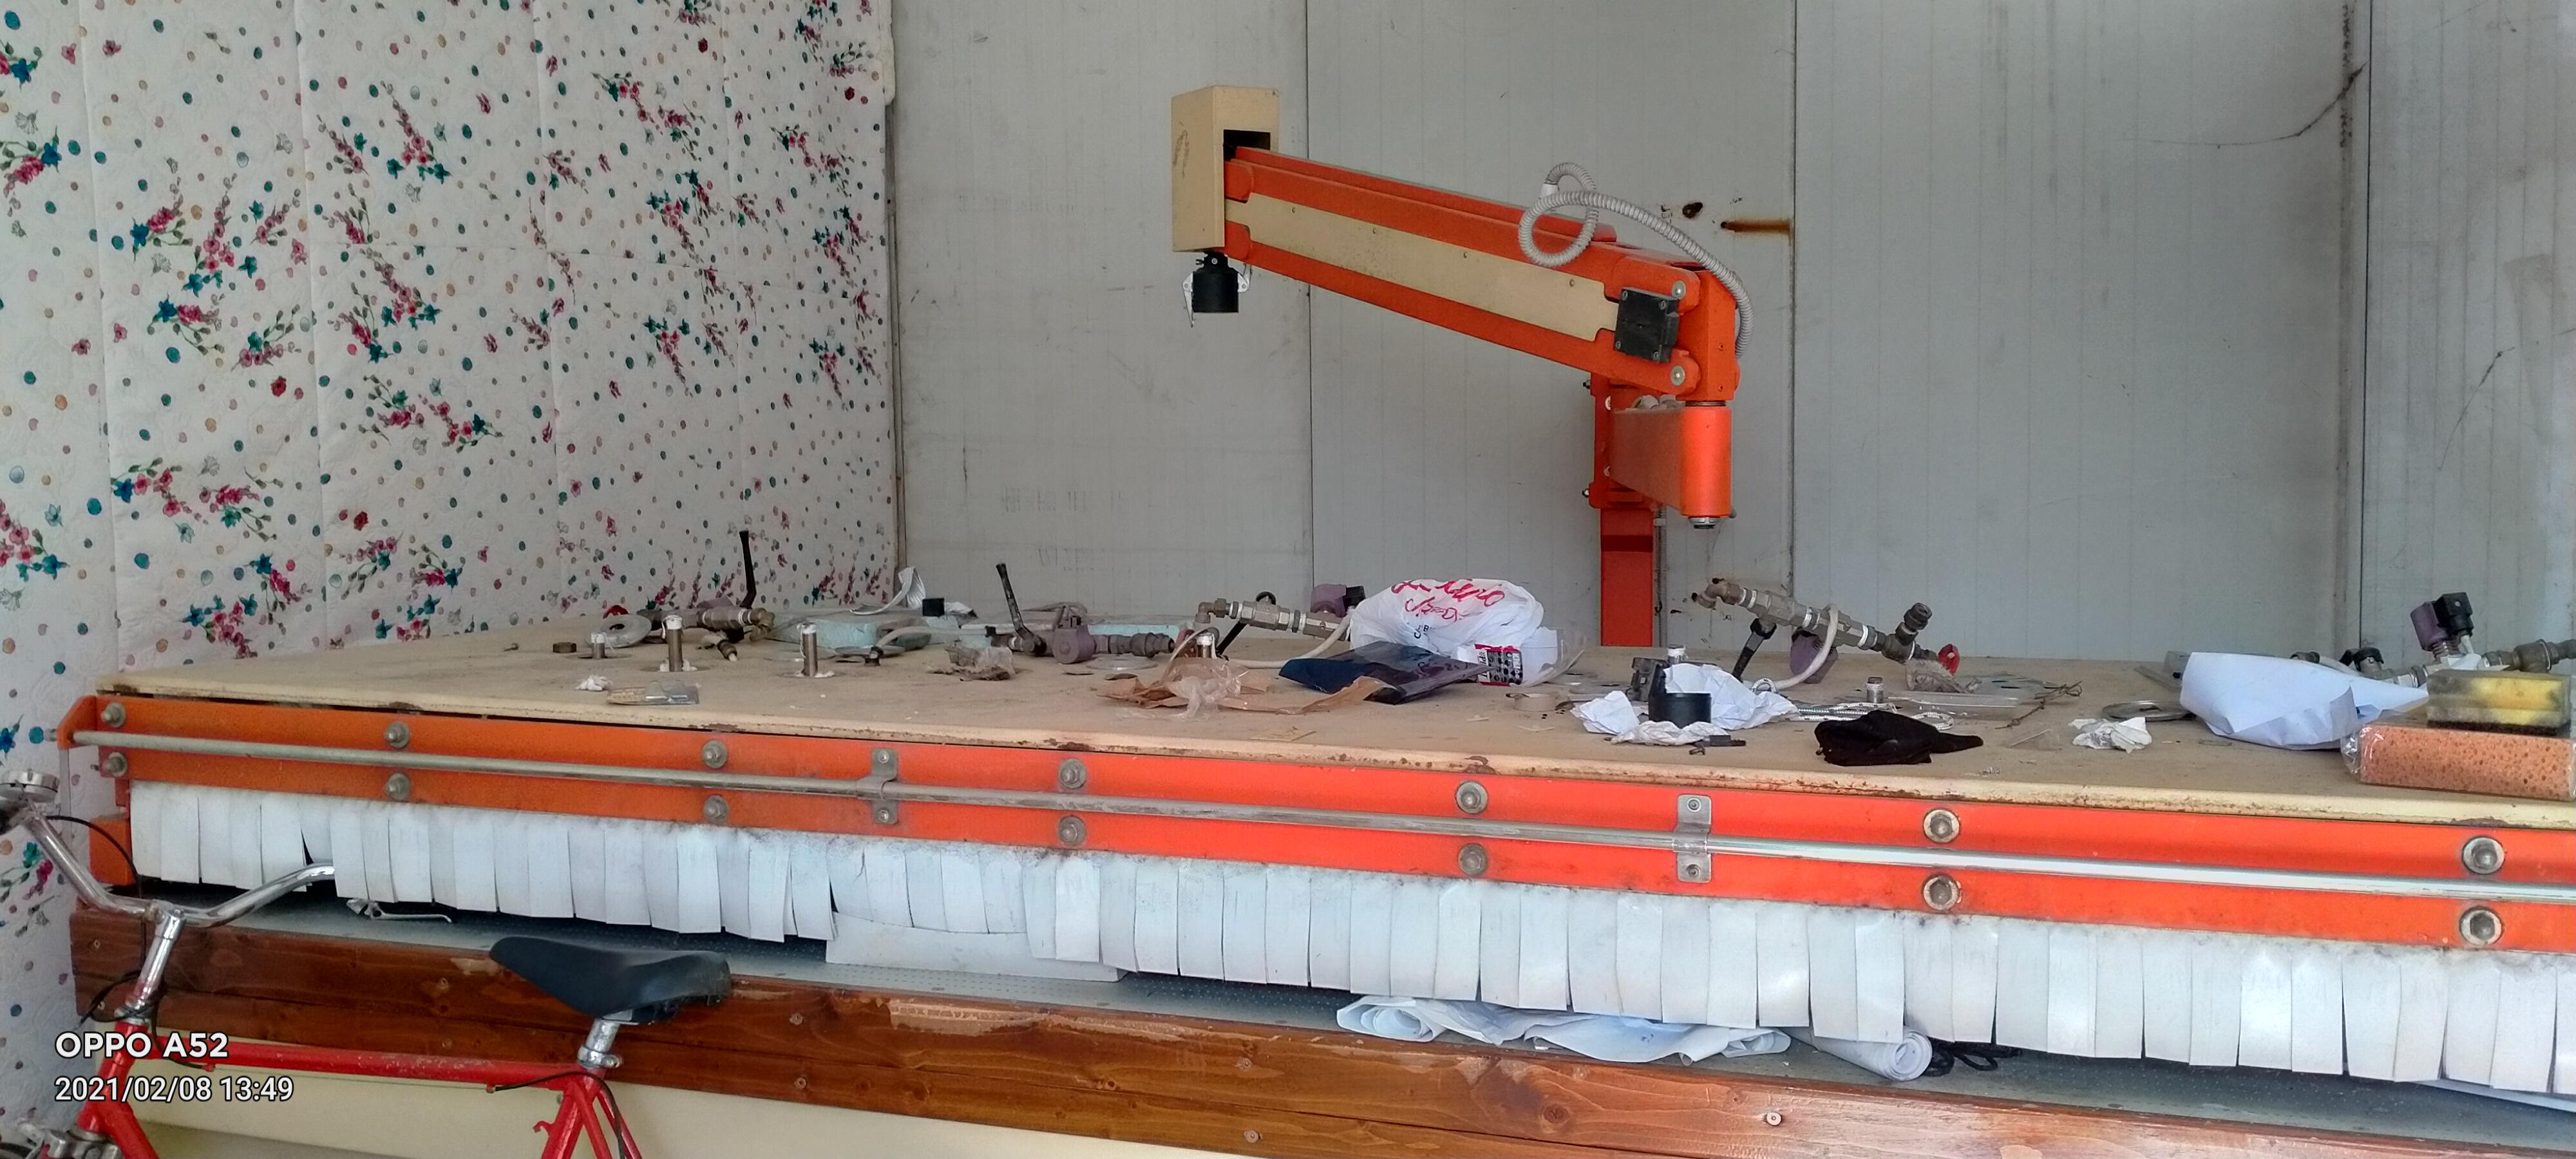 Macchine lavorazione tessuti in vendita